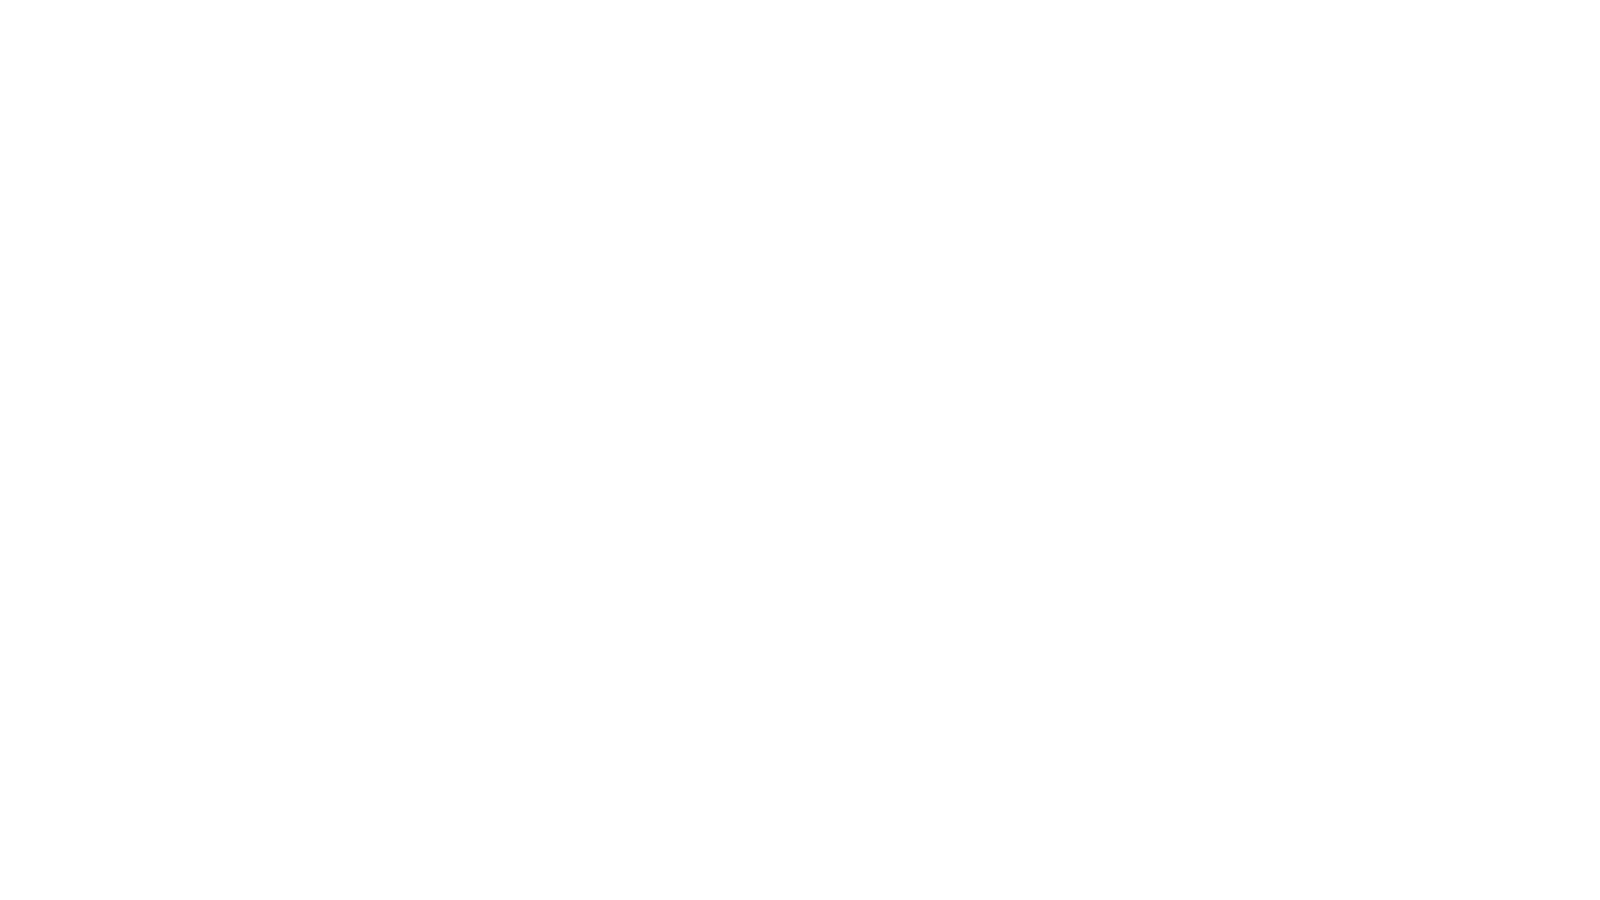 La nuova legge sull'Aloe ha cambiato il commercio, vuoi saperne di più? segui il video...e chiedi sempre agli esperti, anche le erbe hanno le loro controindicazioni! Qui sul mio sito nello shop trovi anche prodotti a base di Aloe SUCCO DI ALOE USO INTERNO https://studiosilviagiovetti.it/prodotto/aloe-vera-succo/ GEL DI ALOE USO ESTERNO https://studiosilviagiovetti.it/prodotto/aloe-vera-gel-puro/ Per i prodotti di Erboristeria la Sibilla acquistando con il mio codice ha lo sconto del 10%  CODICE: silviagiovetti https://erboristerialasibilla.it/